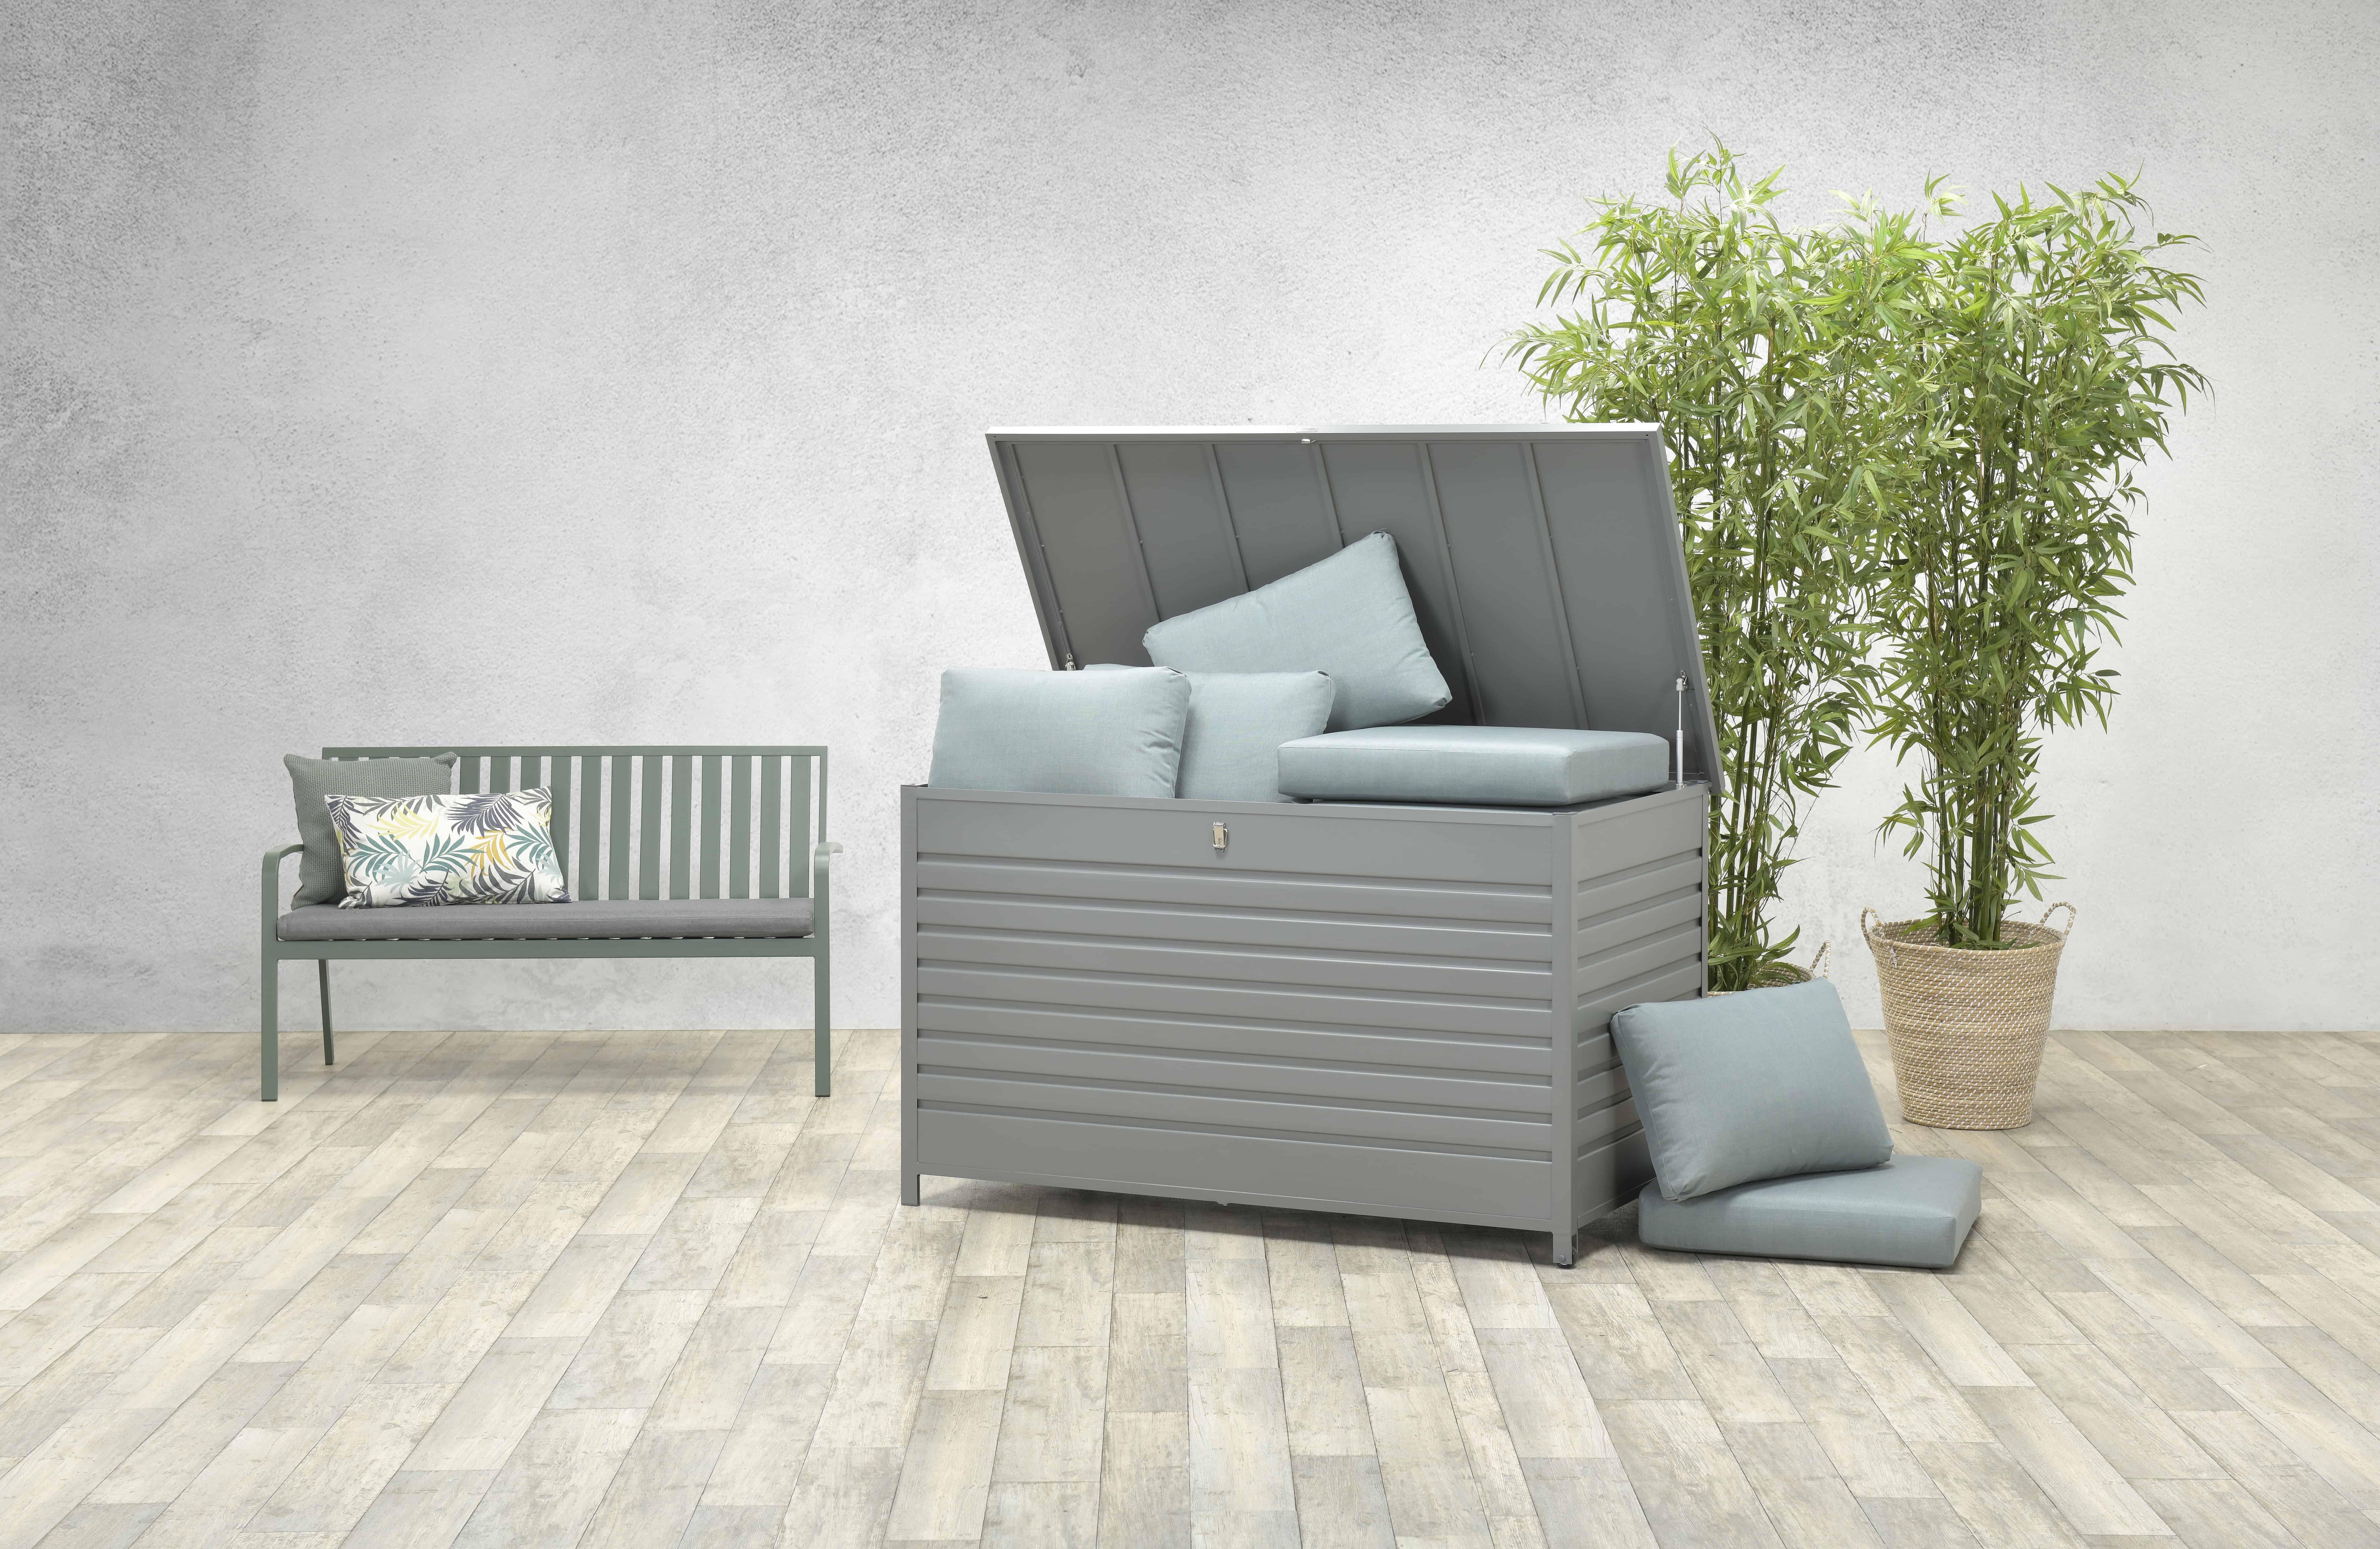 Cambridge Aluminium Cushion Box Garden Storage Plastic Outdoor